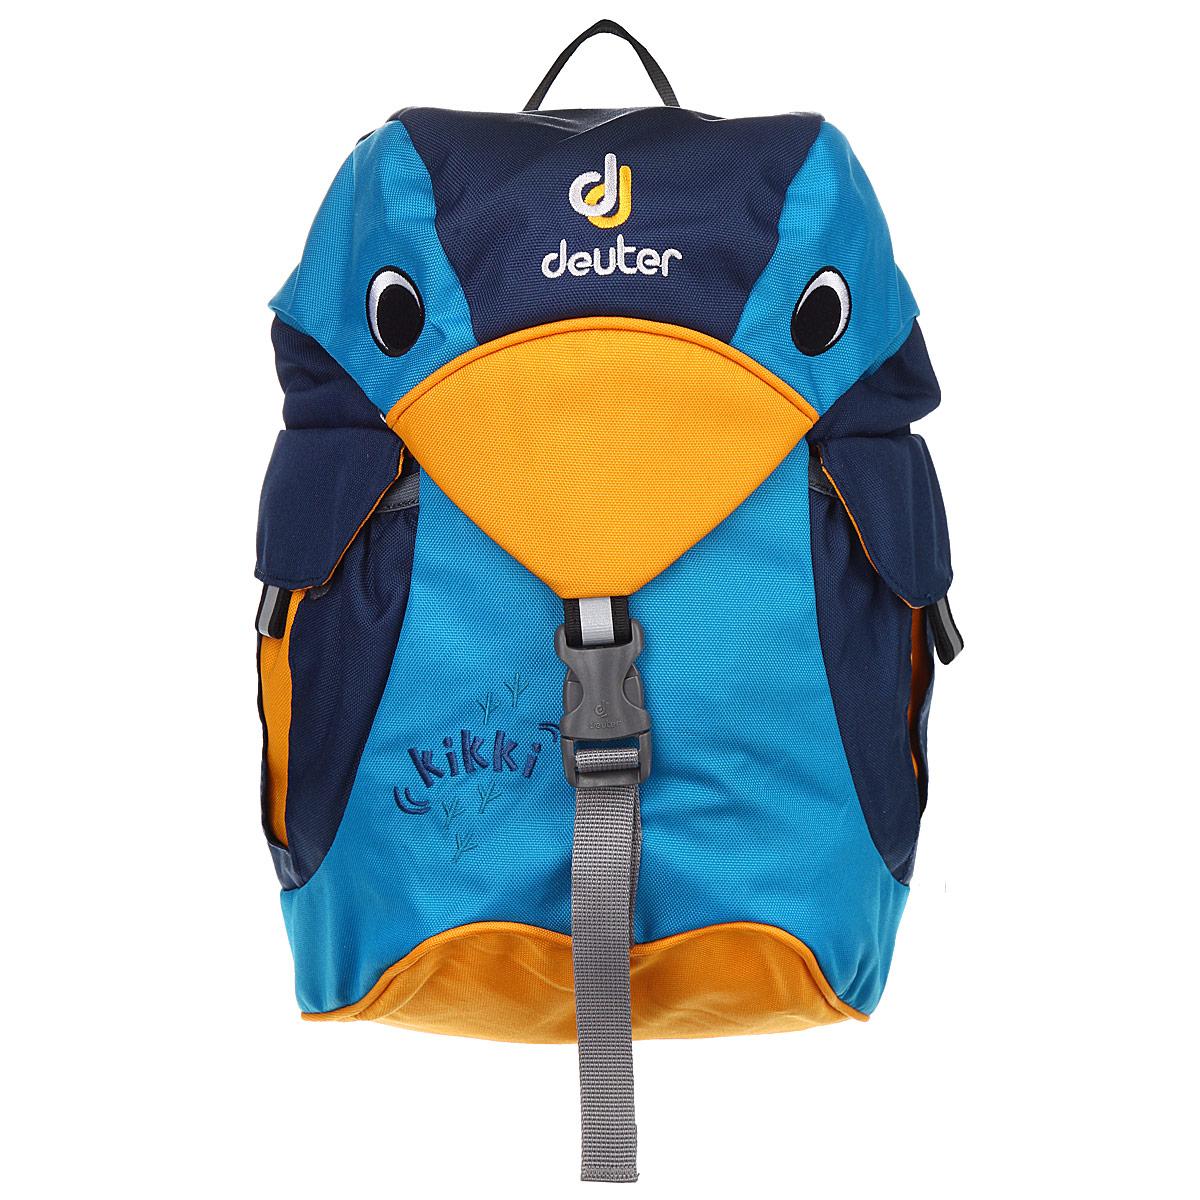 Рюкзак детский Deuter Kikki, цвет: синий, голубой, желтый. 36093-3312-036093-3312-0Рюкзак детский Deuter Kikkiстанет замечательным подарком вашему ребенку и доставит ему много удовольствия. Рюкзак выполнен из прочного полиэстера синего, голубого и желтого цветов и состоит из одного вместительного отделения, затягивающегося на текстильный шнурок. Внутри отделения находится большой карман, стянутый сверху резинкой. Рюкзак закрывается стилизованным под голову птицы клапаном, застегивающимся на защелку. На внутренней стороне клапана пришита именная бирка для заполнения личных данных владельца. По бокам рюкзака расположены два внешних кармана, закрывающиеся клапанами на липучках. Рюкзак дополнительно фиксируется на груди при помощи регулируемых по длине текстильных ремней на защелке. Конструкция ортопедической спинки рюкзака позволяет уменьшить нагрузку на спину. Широкие мягкие лямки равномерно распределяют нагрузку на плечевой пояс. Рюкзак оснащен удобной текстильной ручкой для переноски в руке. Светоотражающие элементы не оставят владельца рюкзака незамеченным...